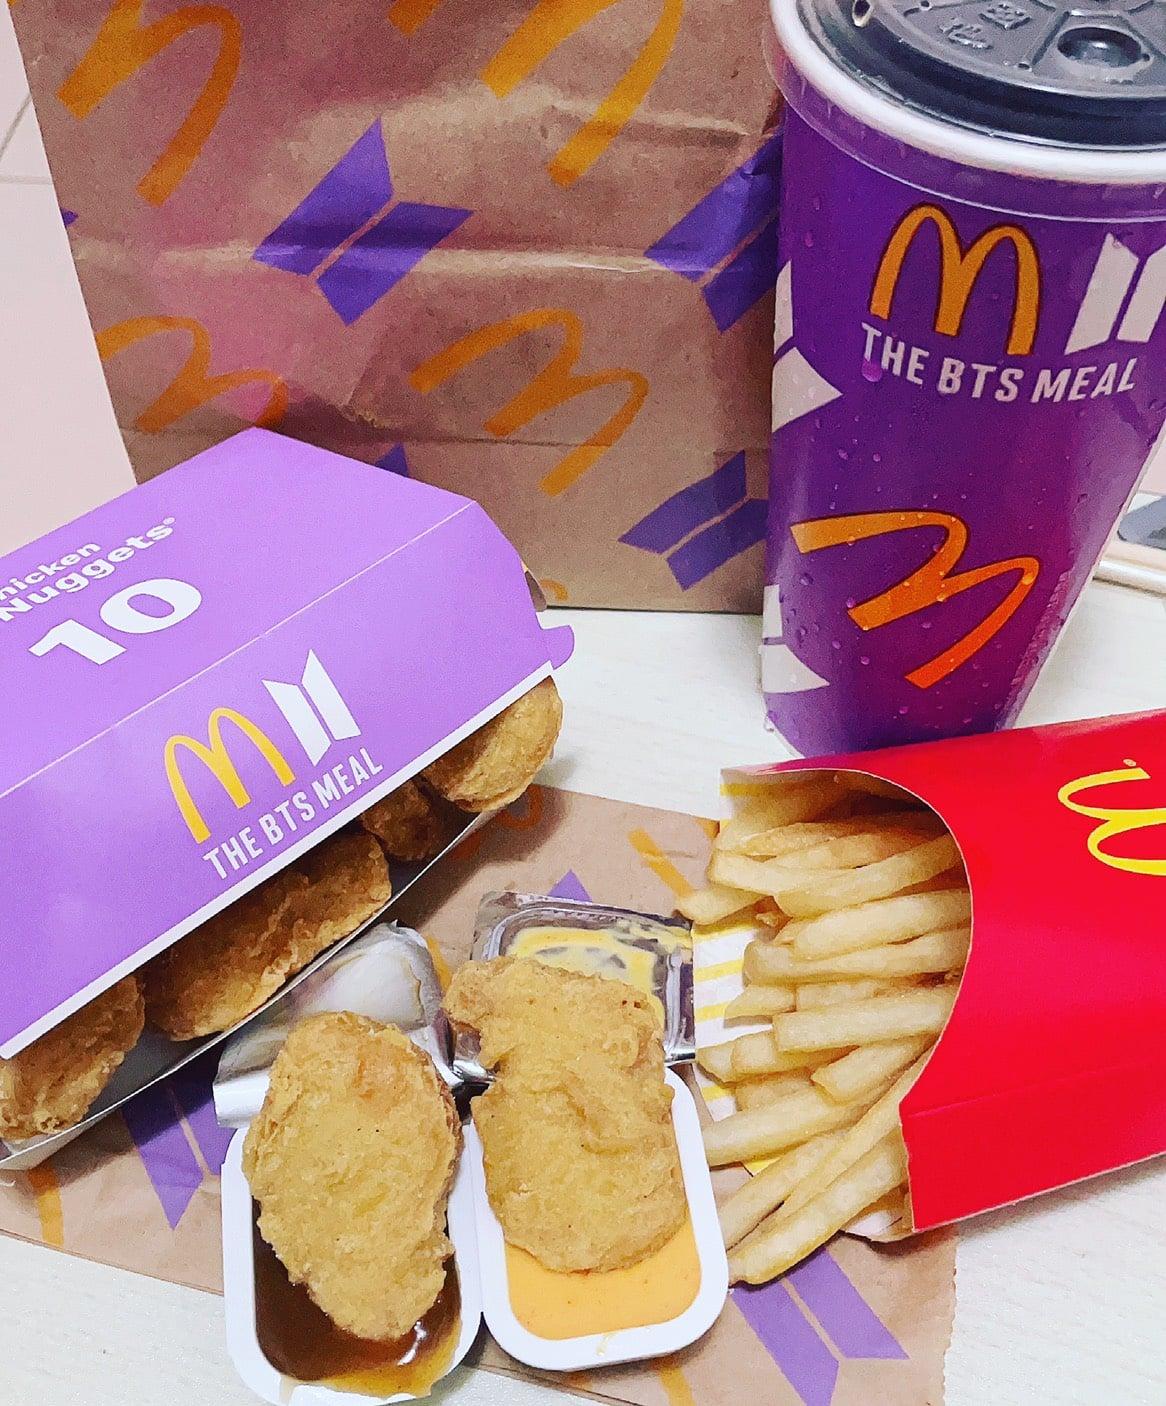 麥當勞BTS套餐!THE BTS MEAL防彈少年團與麥當勞聯名!肯瓊醬深得我心!BTS紙袋之亂很逗趣!(6/9~6/29) @猴屁的異想世界